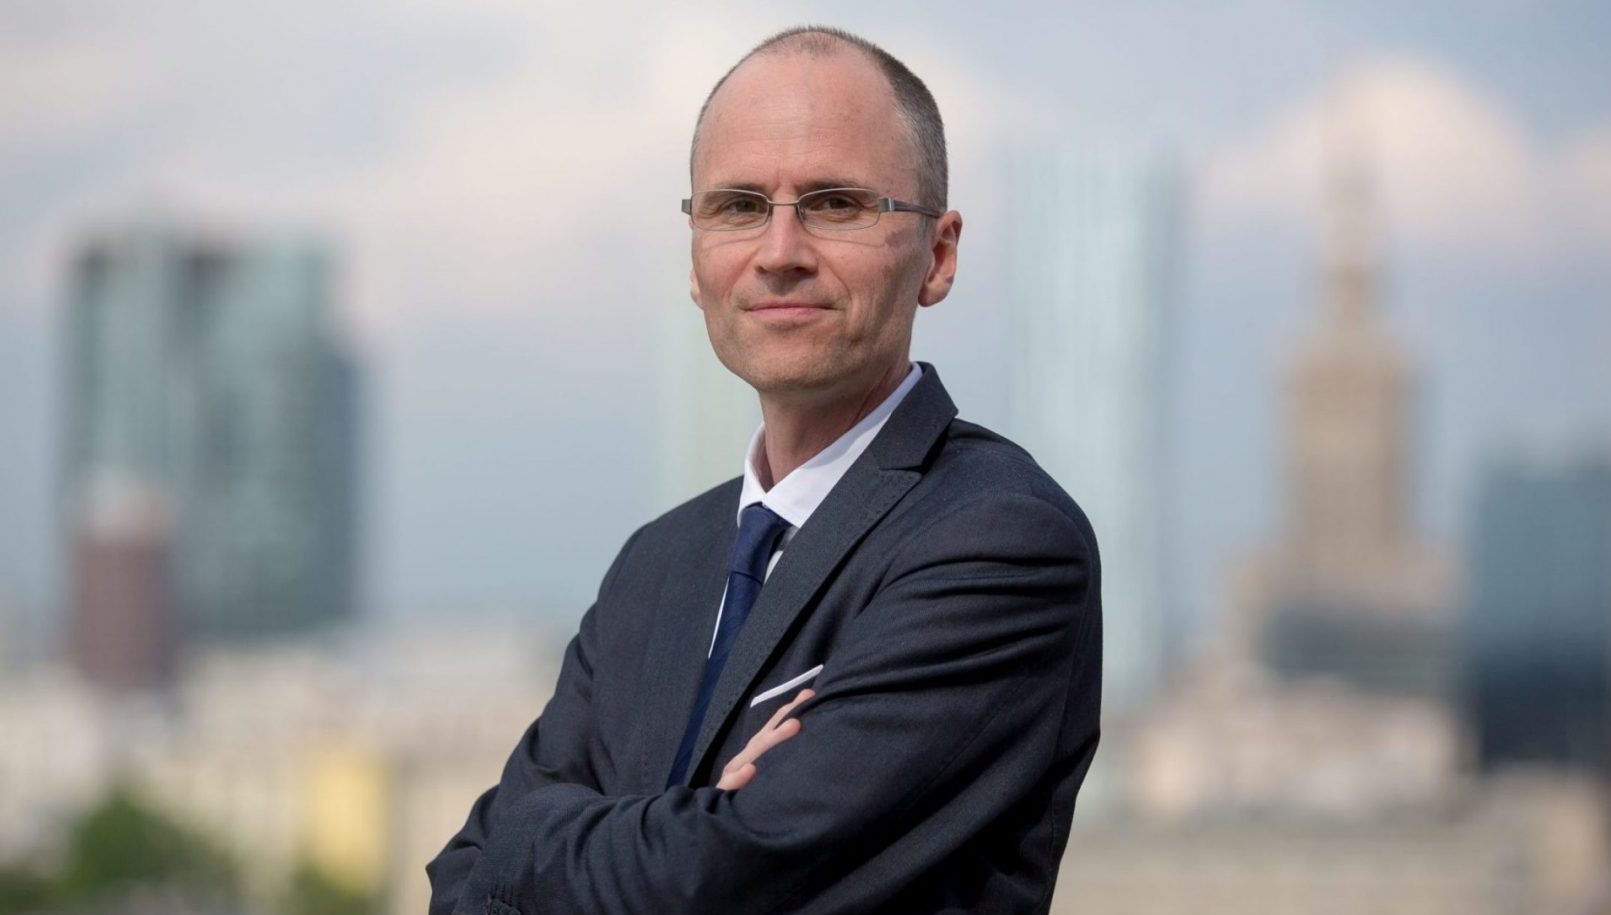 Harald Jeschek, Managing Partner of real estate developer Karimpol Group